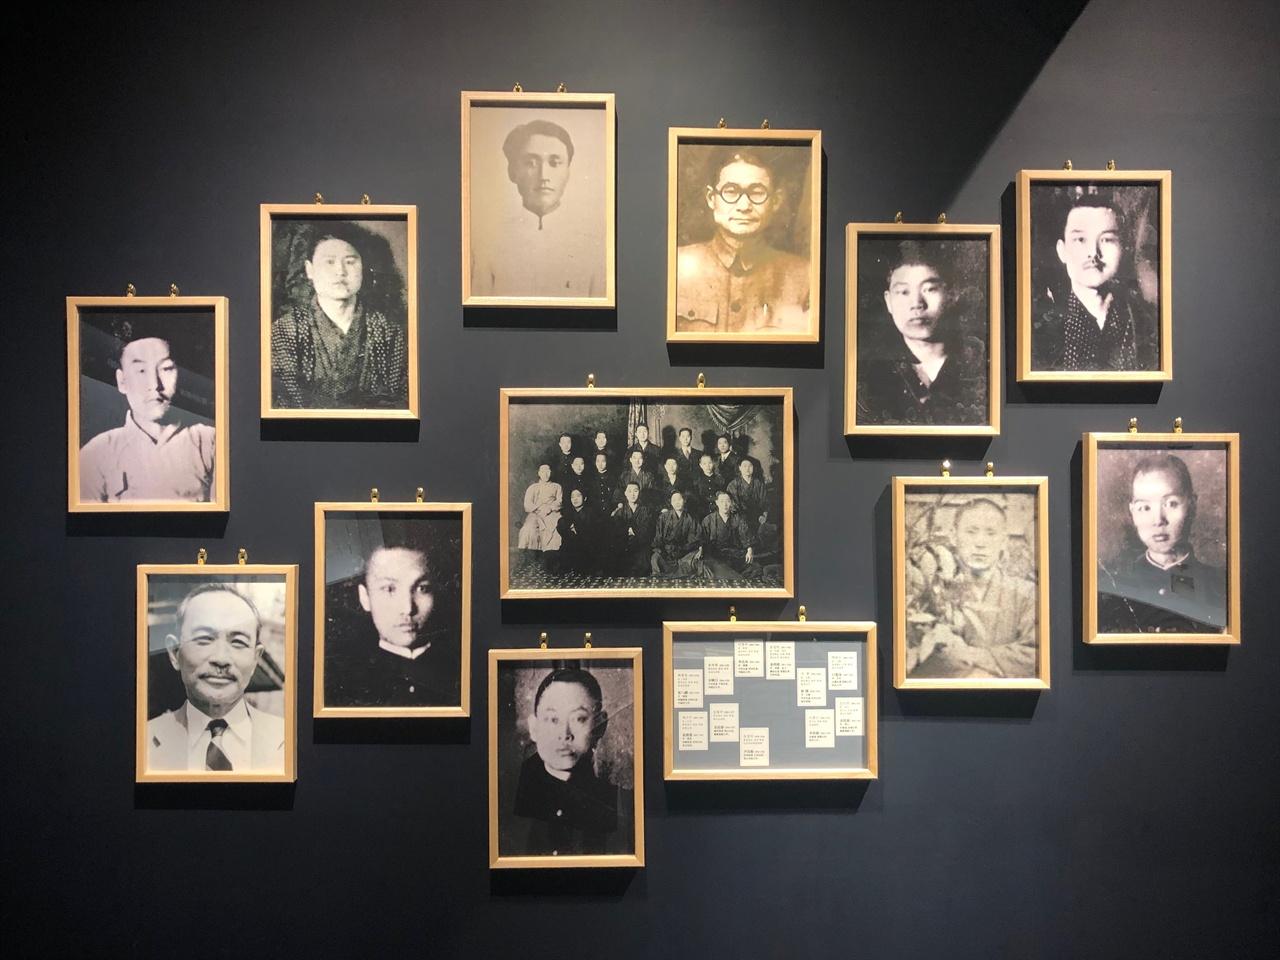 재일한국YMCA 2.8 독립선언 기념자료실에 전시된 2.8독립선언의 주요 멤버 11인